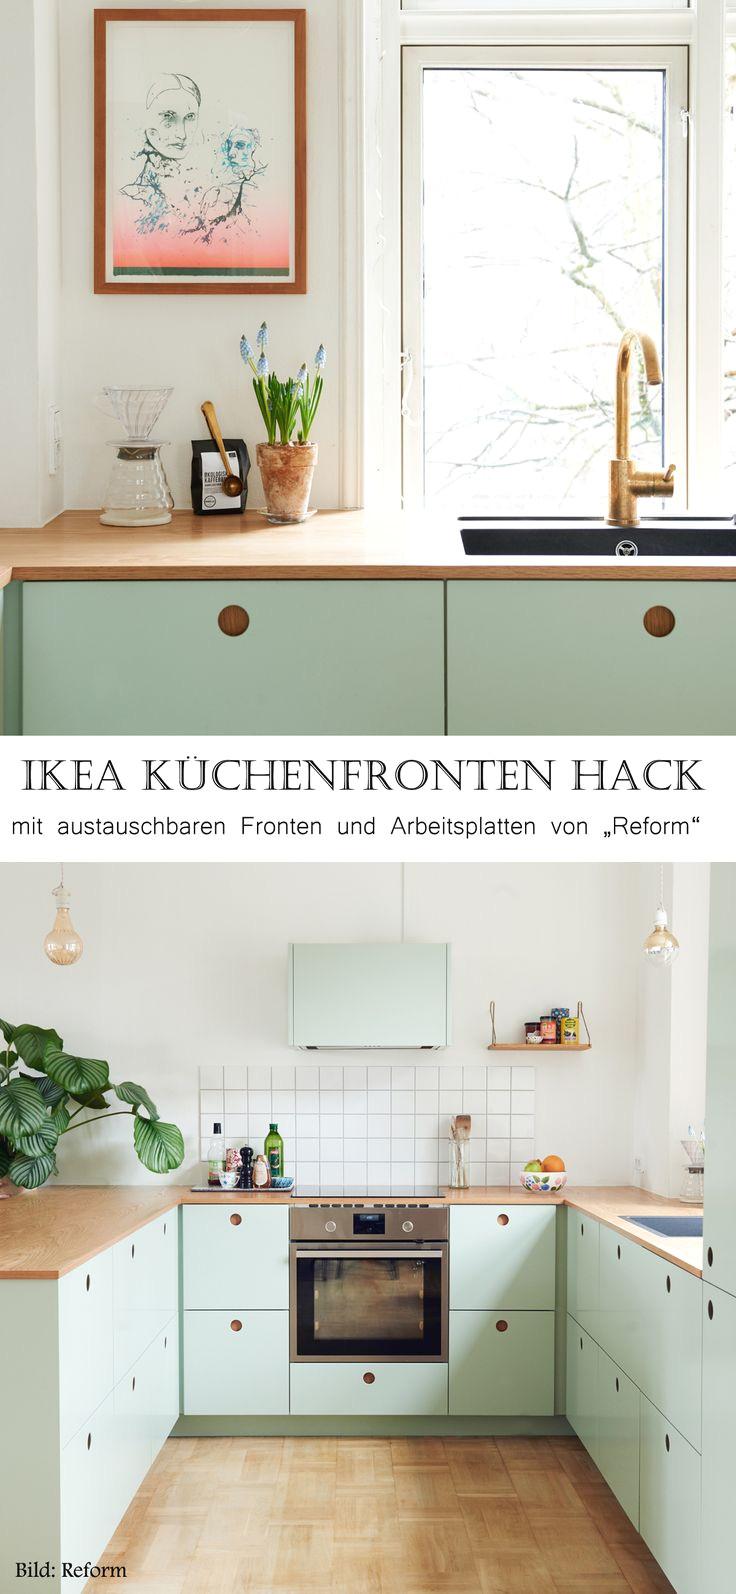 Full Size of Inselküche Ikea Küche Kaufen Kosten Abverkauf Sofa Mit Schlaffunktion Miniküche Modulküche Betten Bei 160x200 Wohnzimmer Inselküche Ikea